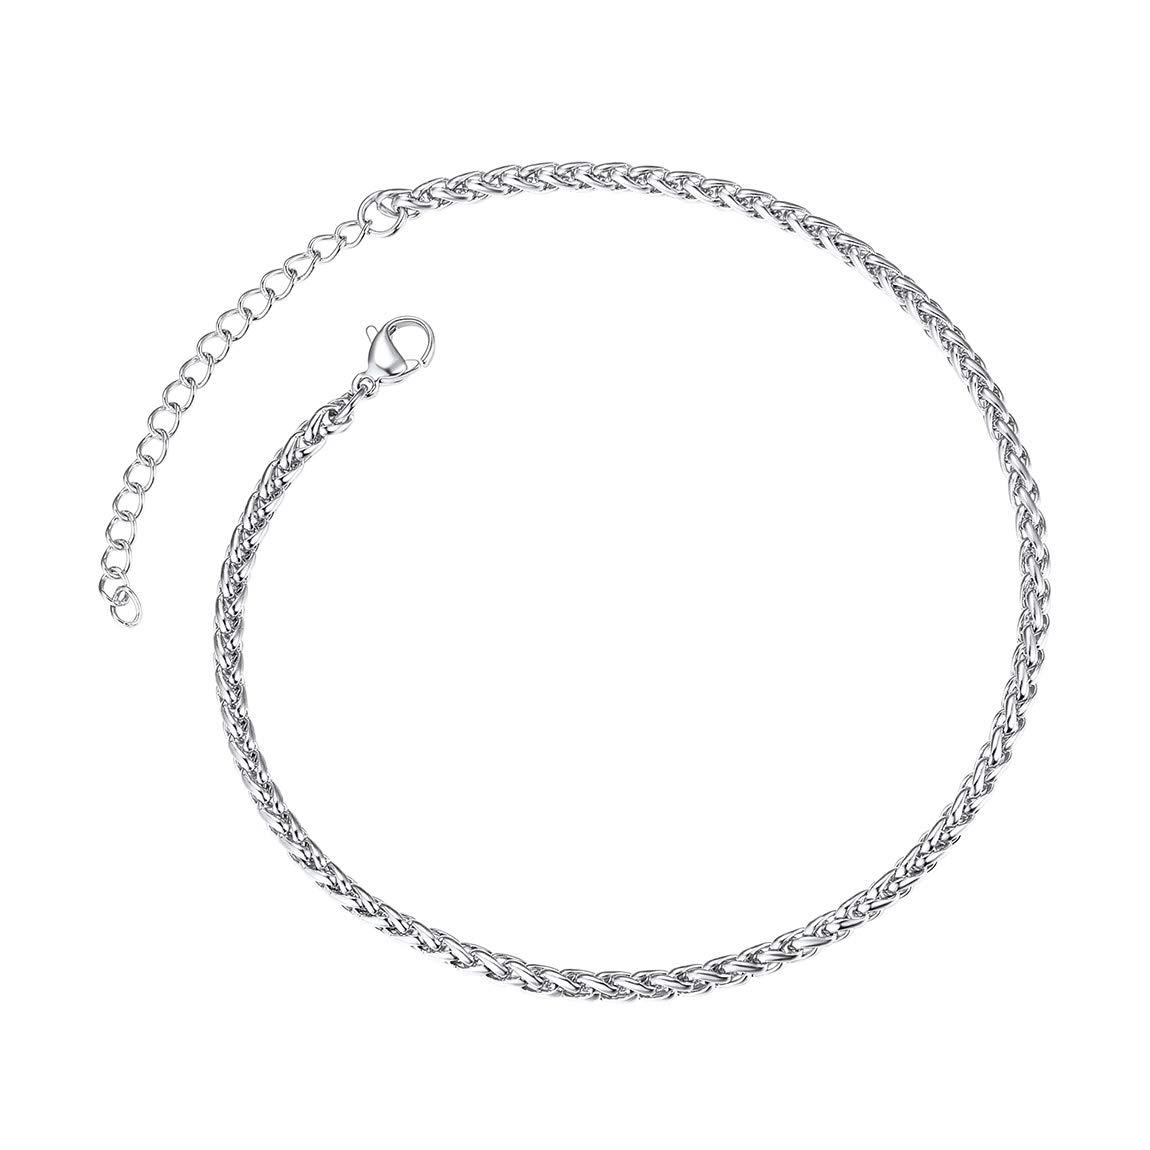 Bo/îte Cadeau ChainsPro Bracelet de Cheville,Cha/îne de Cheville Maille Spiga Bl/é Corde en Acier Inoxydable 316L Ton Argent//Or Bracelet Gourmette Cha/îne R/églable 9+2 23+5cm Bijoux de Plage